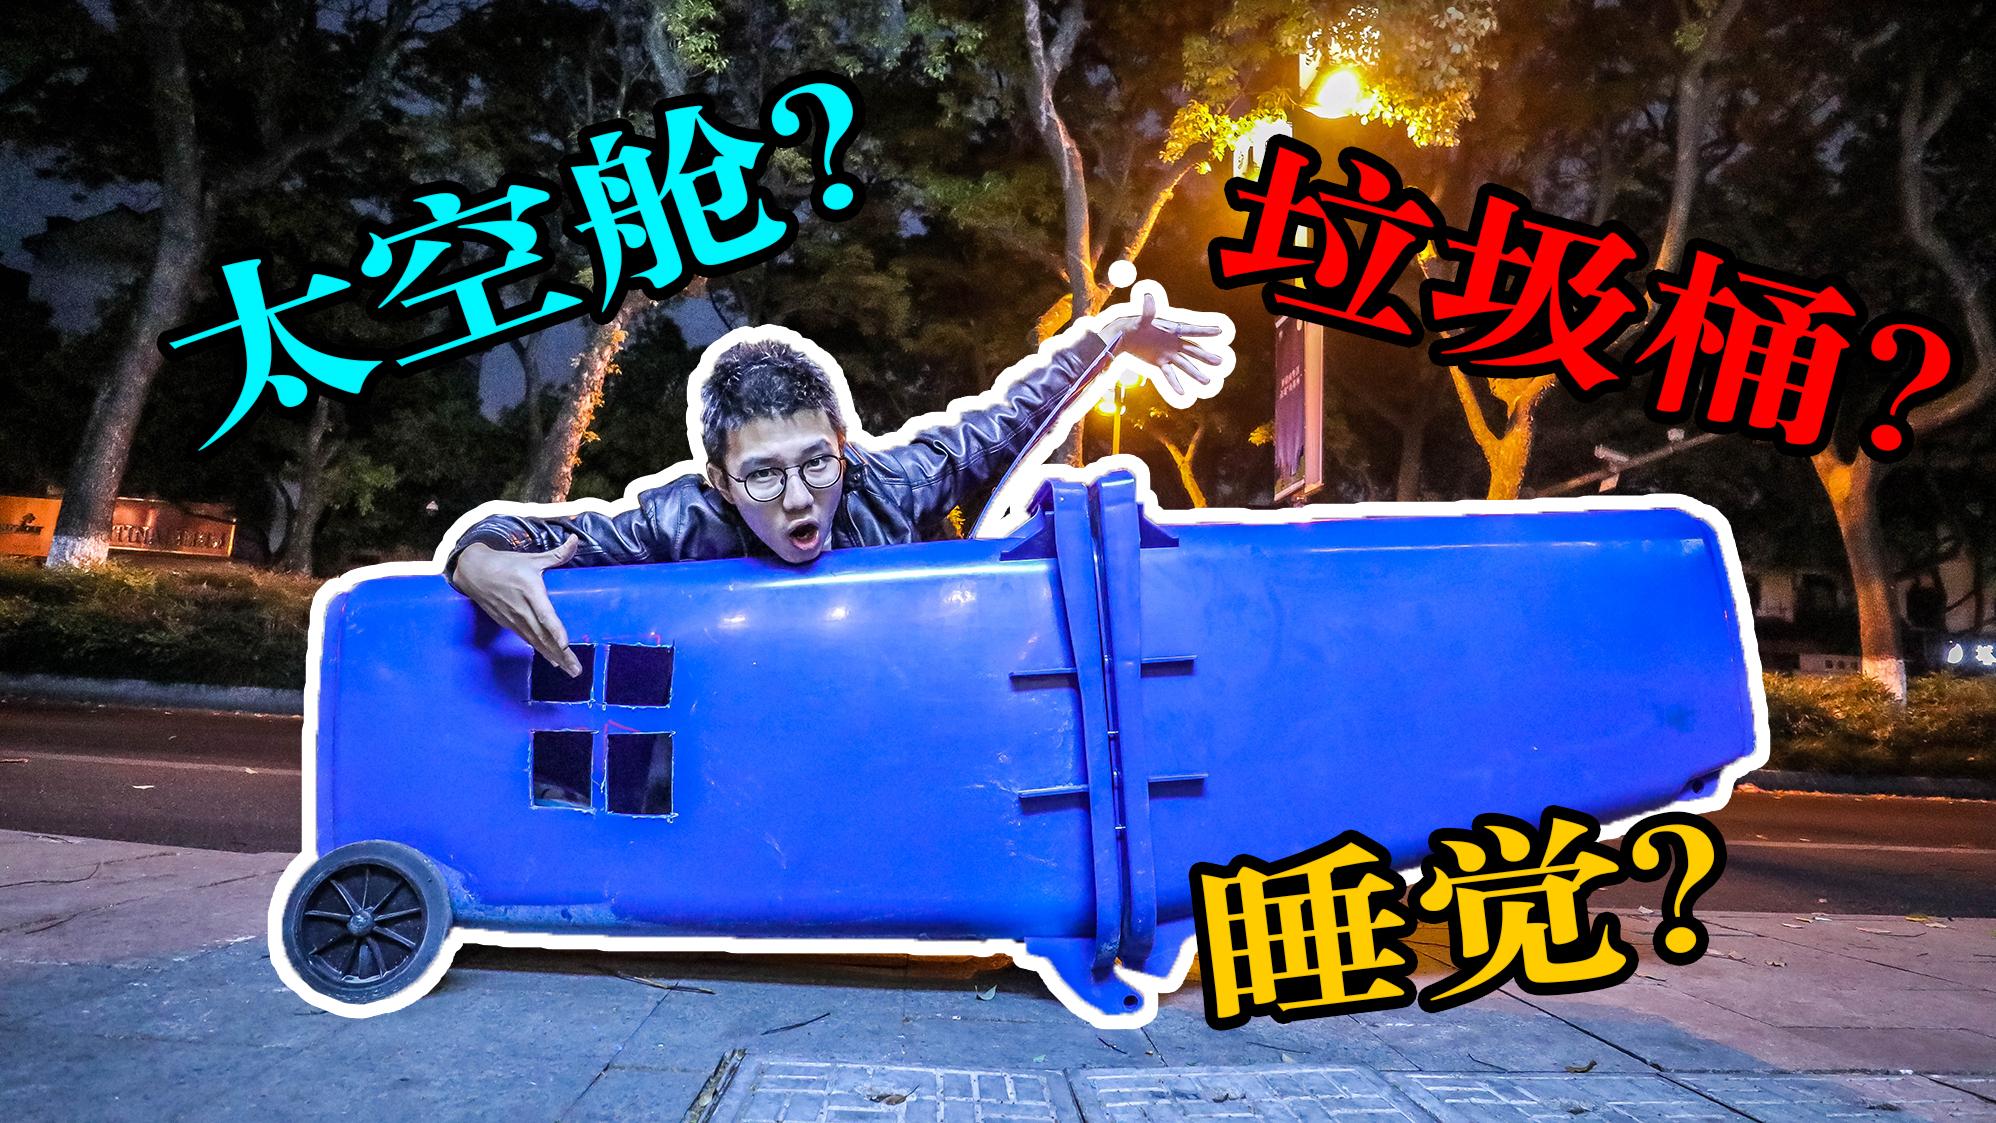 我用垃圾桶造了个太空舱睡觉,半夜差点被环卫阿姨拖走!